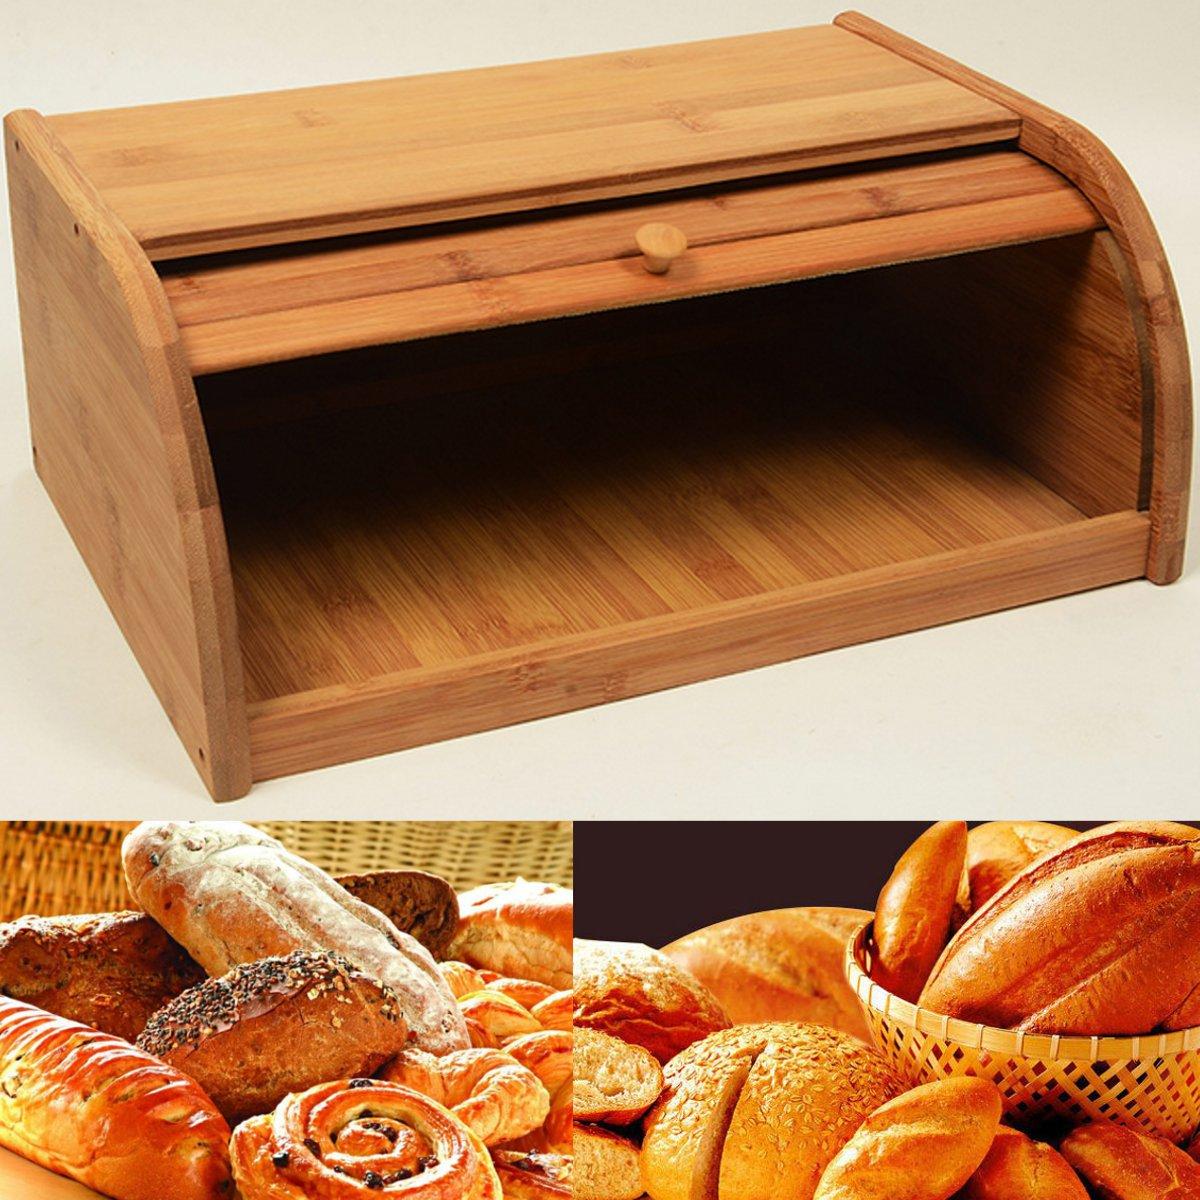 Bambou naturel porte-pain alimentaire stockage conteneur cuisine rouleau Top pain boîte de rangement cuisines fournitures outils alimentaires